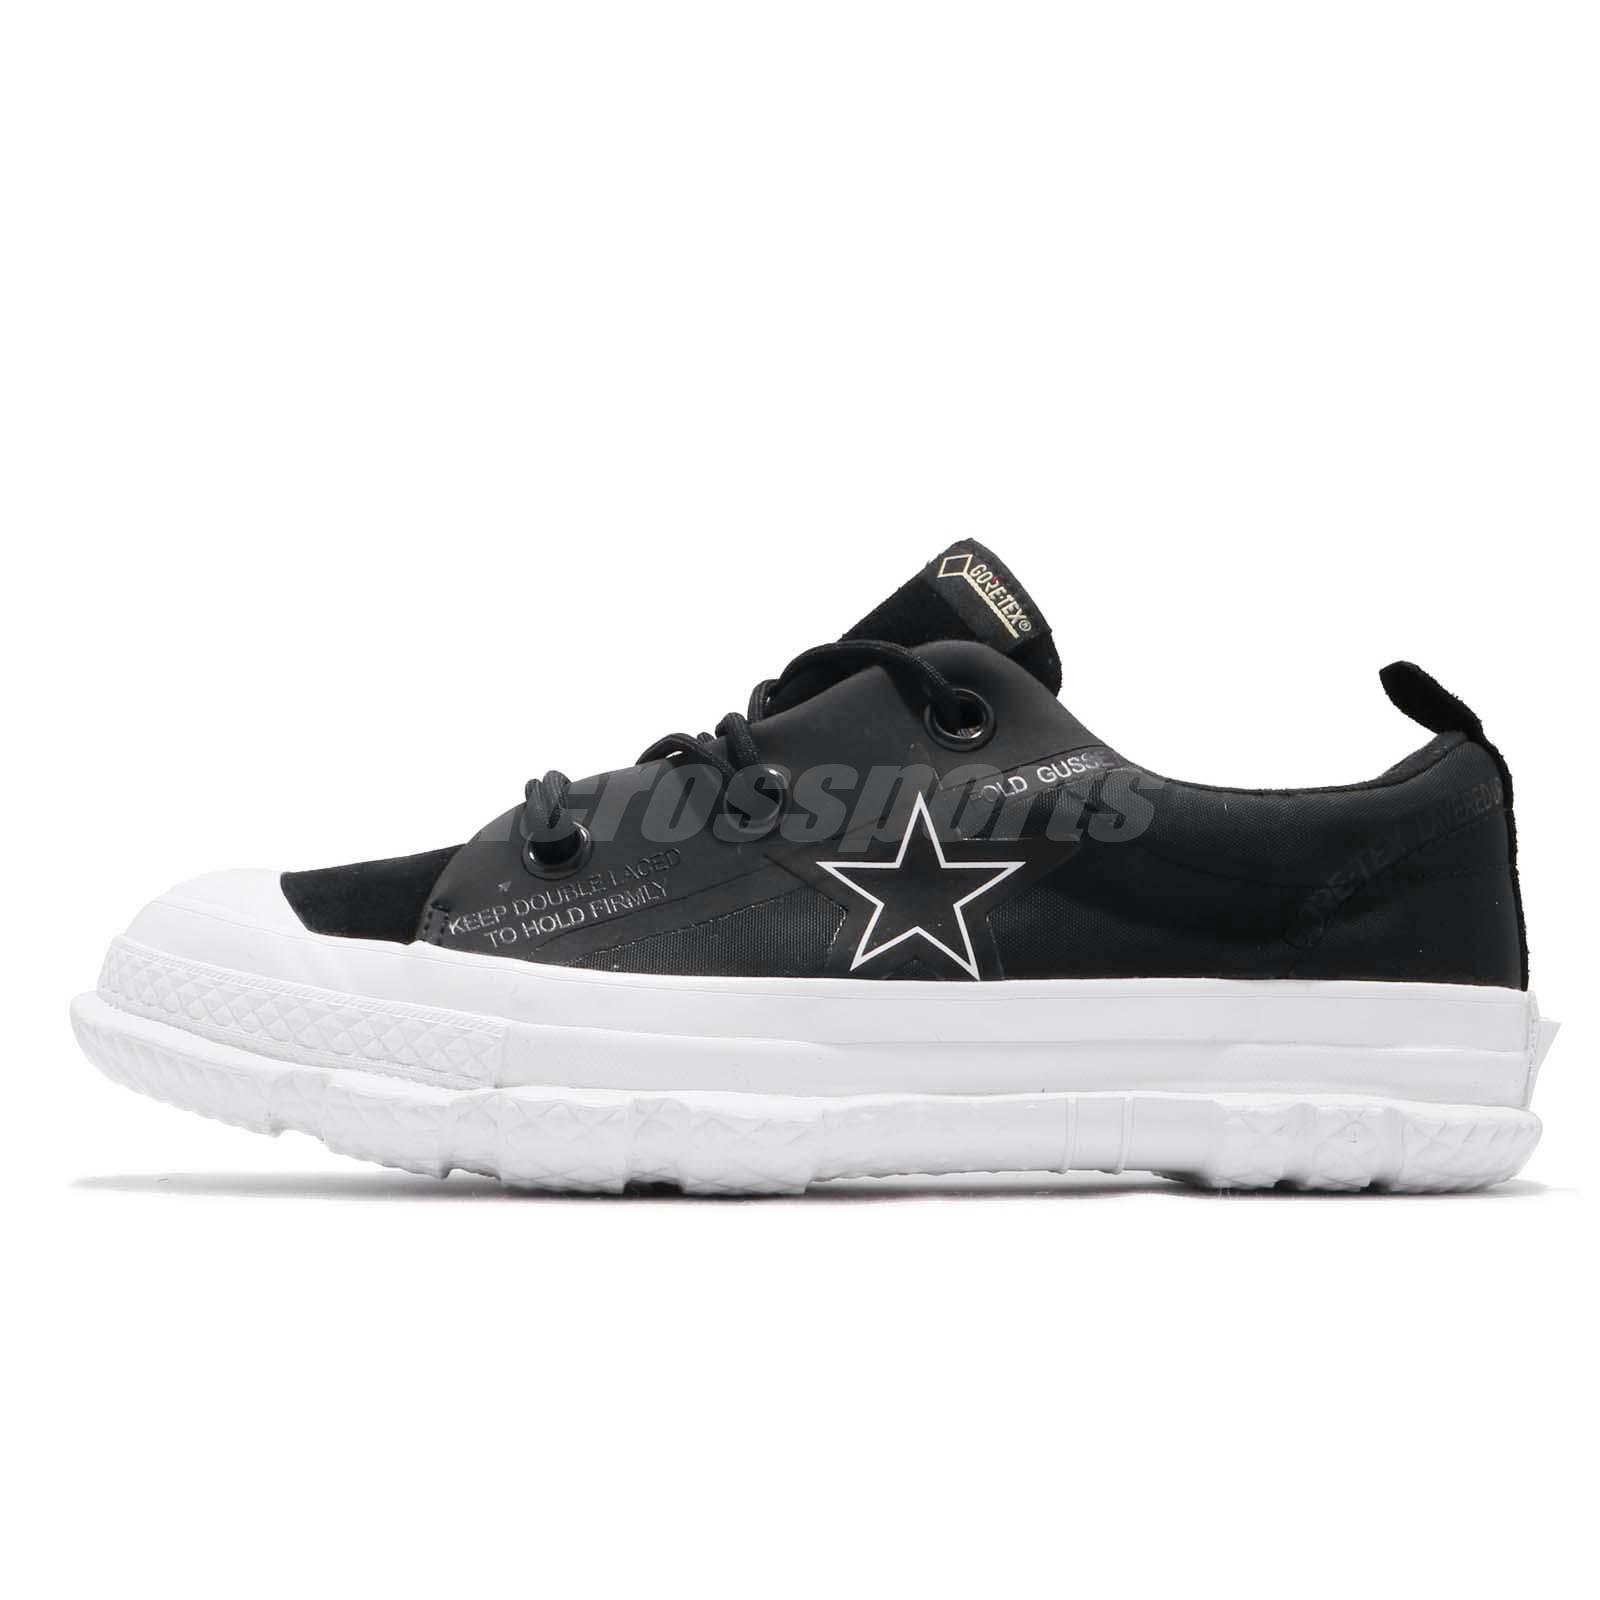 f5f0375e14e43e Converse One Star MC18 OX Gore-Tex Black White Men Women Casual Shoes  163178C